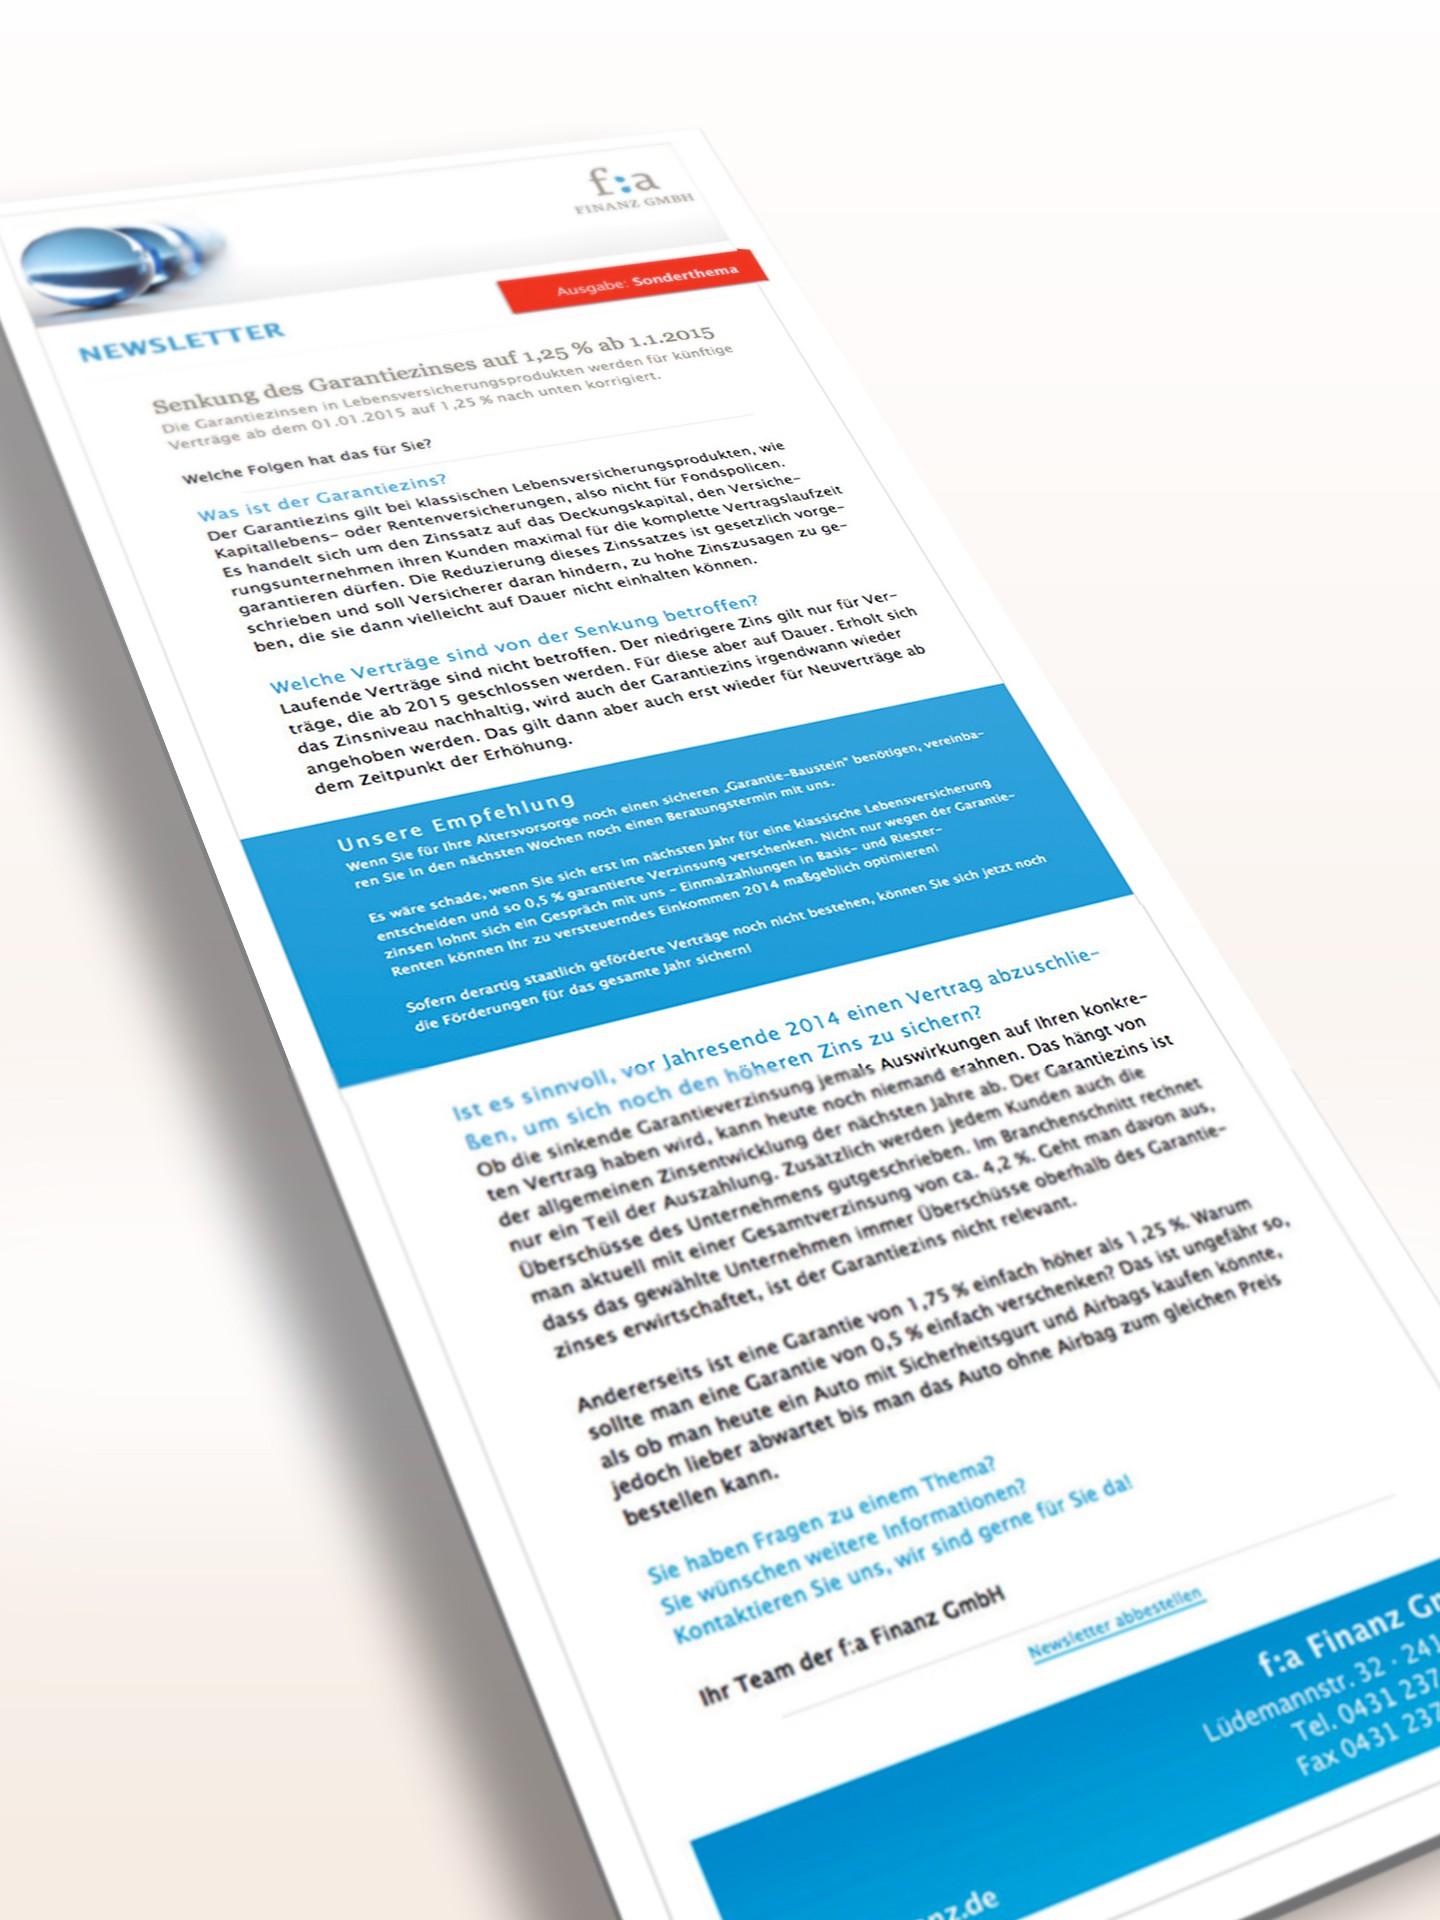 f:a Finanz GmbH - Newsletter